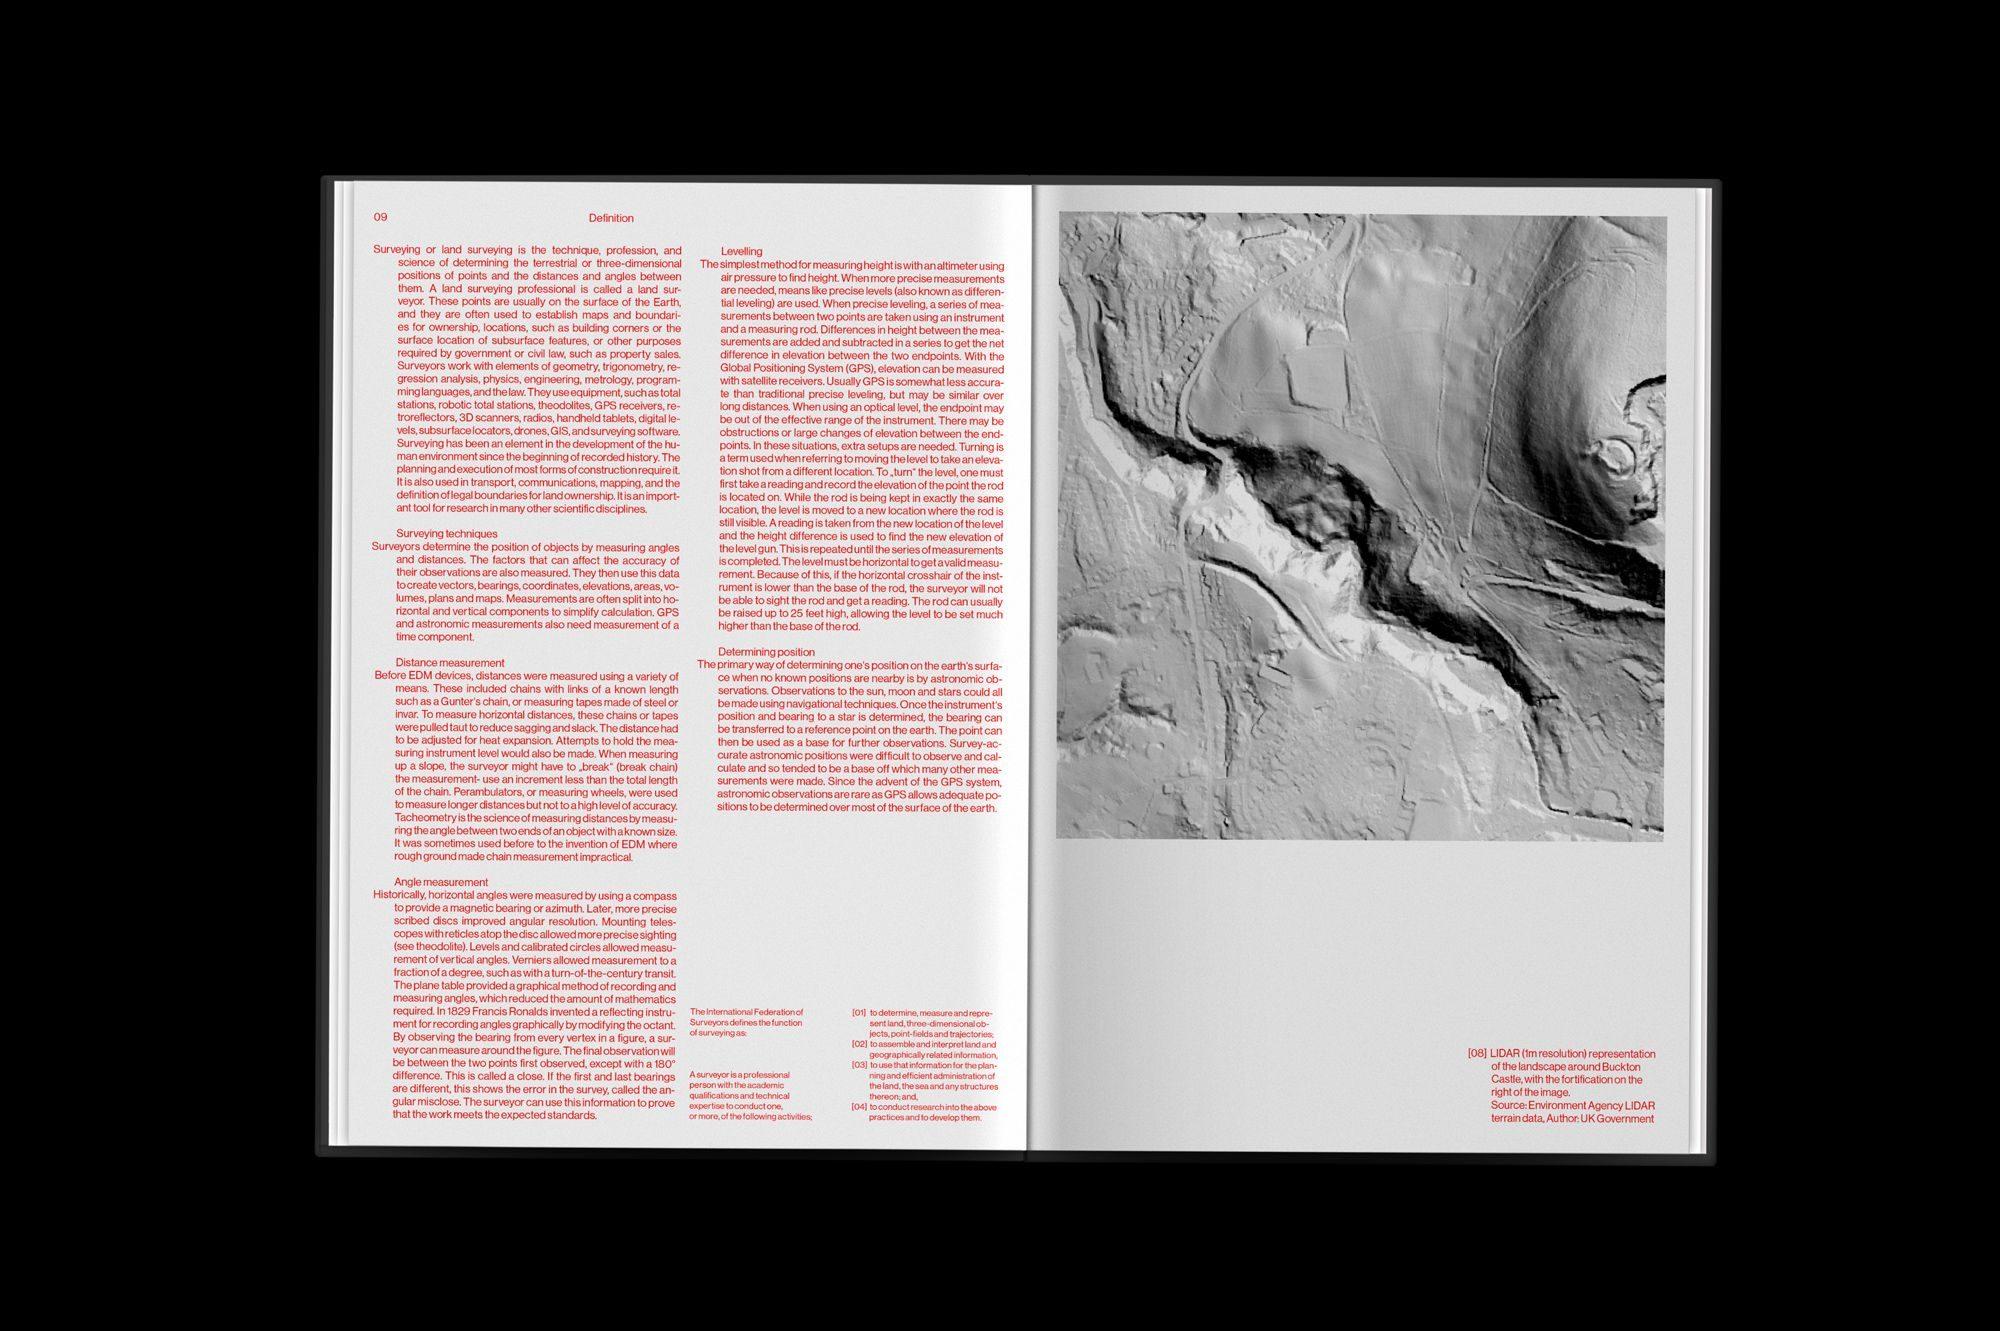 rasmus_und_christin_fcus_book_03